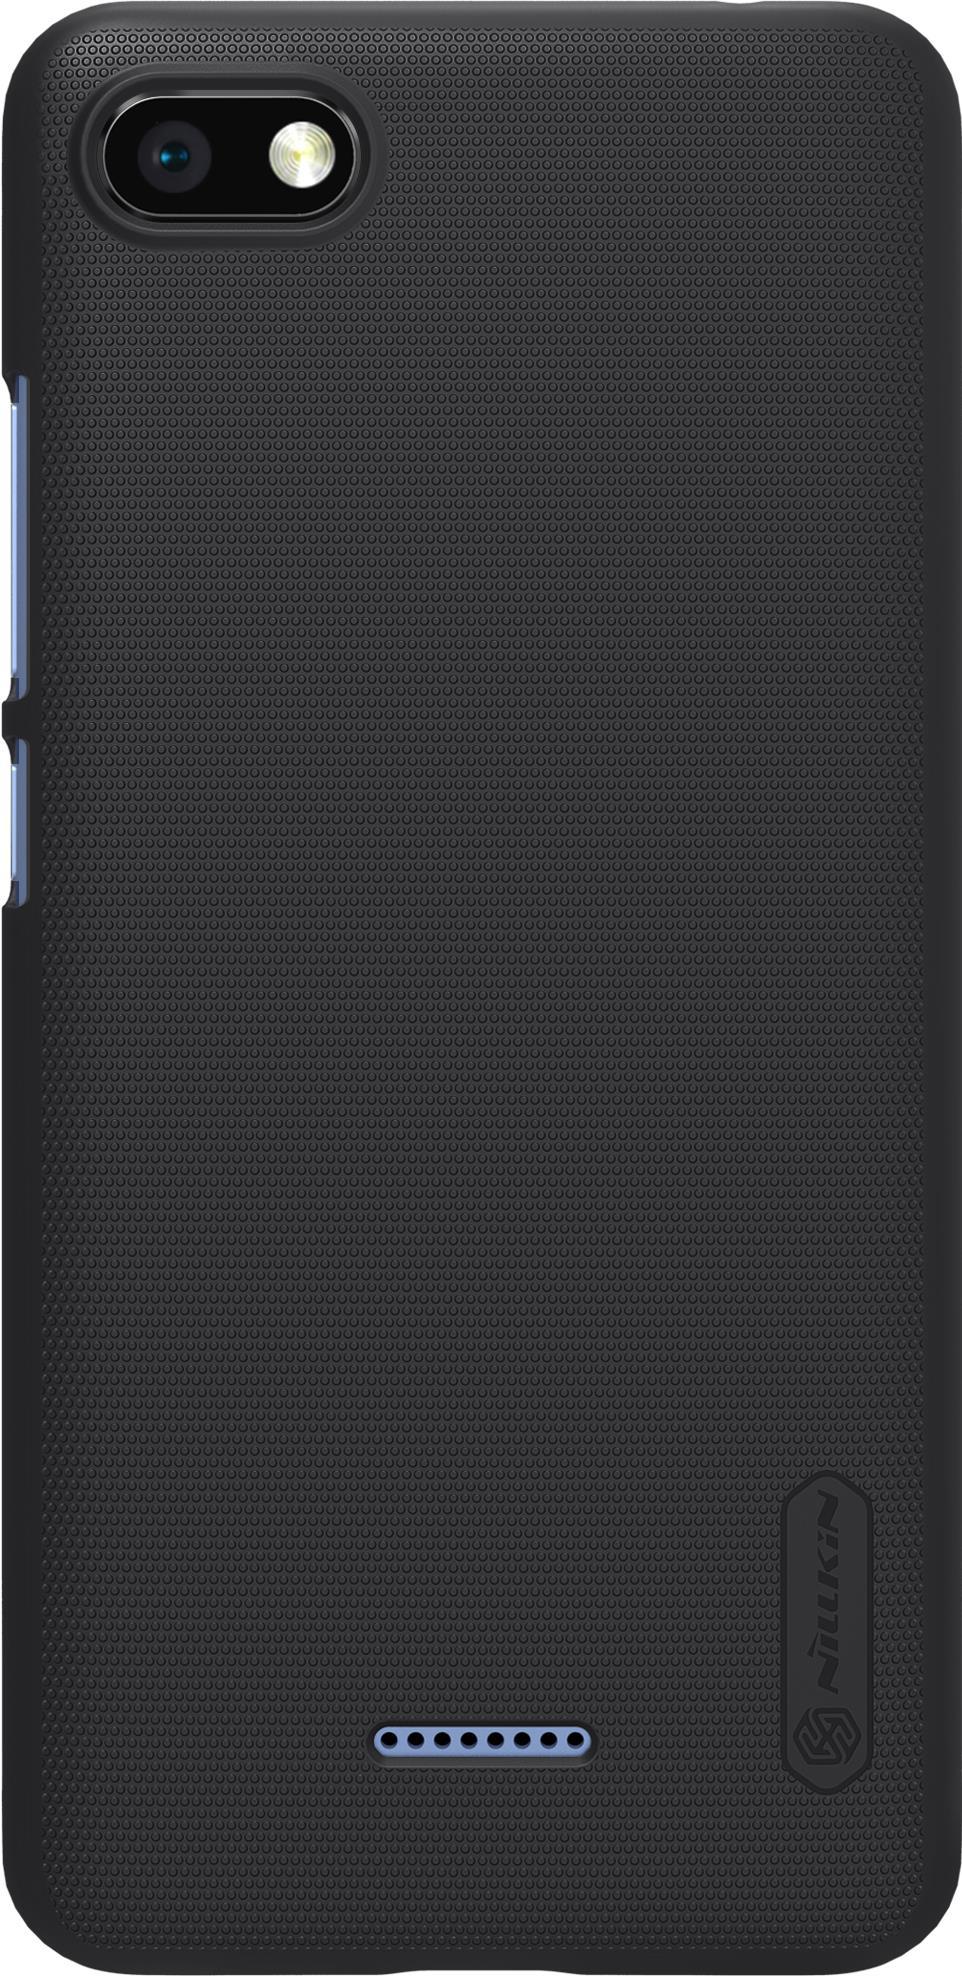 Чехол для сотового телефона Nillkin Super Frosted, 6902048160668, черный